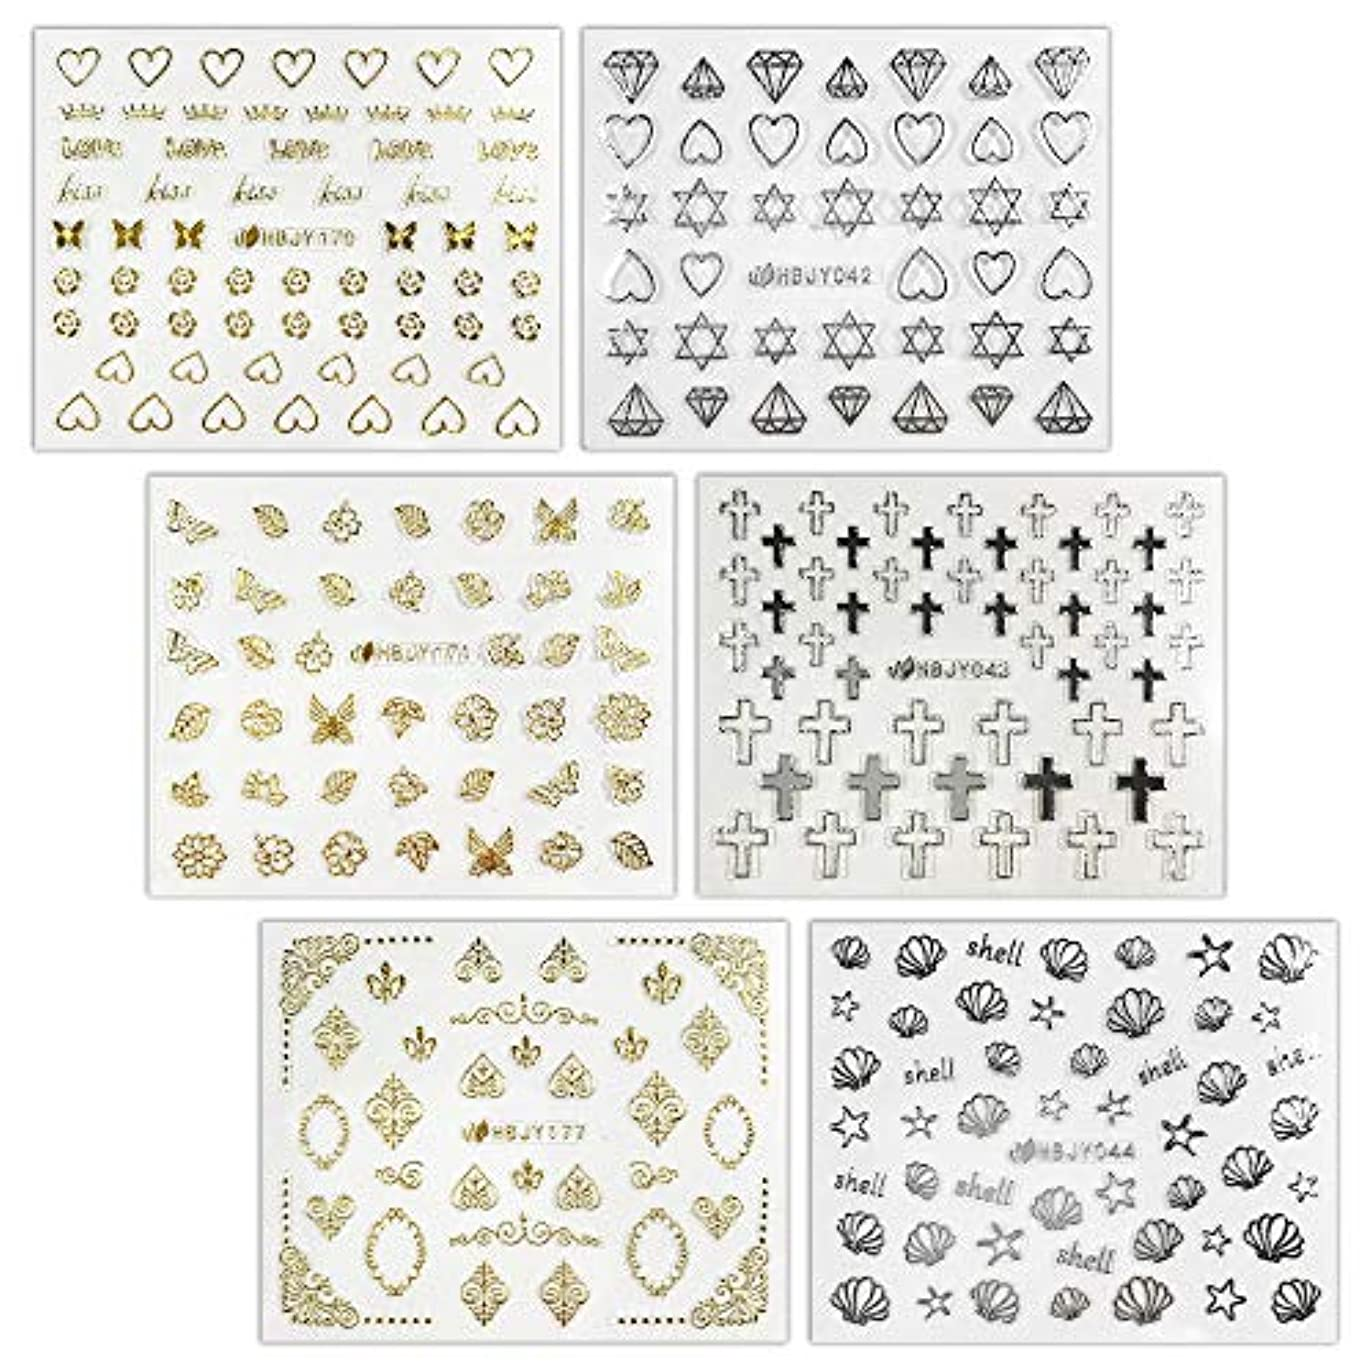 省略そうでなければ枕【リュミエラ】6枚セット レジン ネイル シールC【6種類各1枚 ゴールド?シルバー】 ハート バラ ダイヤ 十字架 etc. ネイルにも!